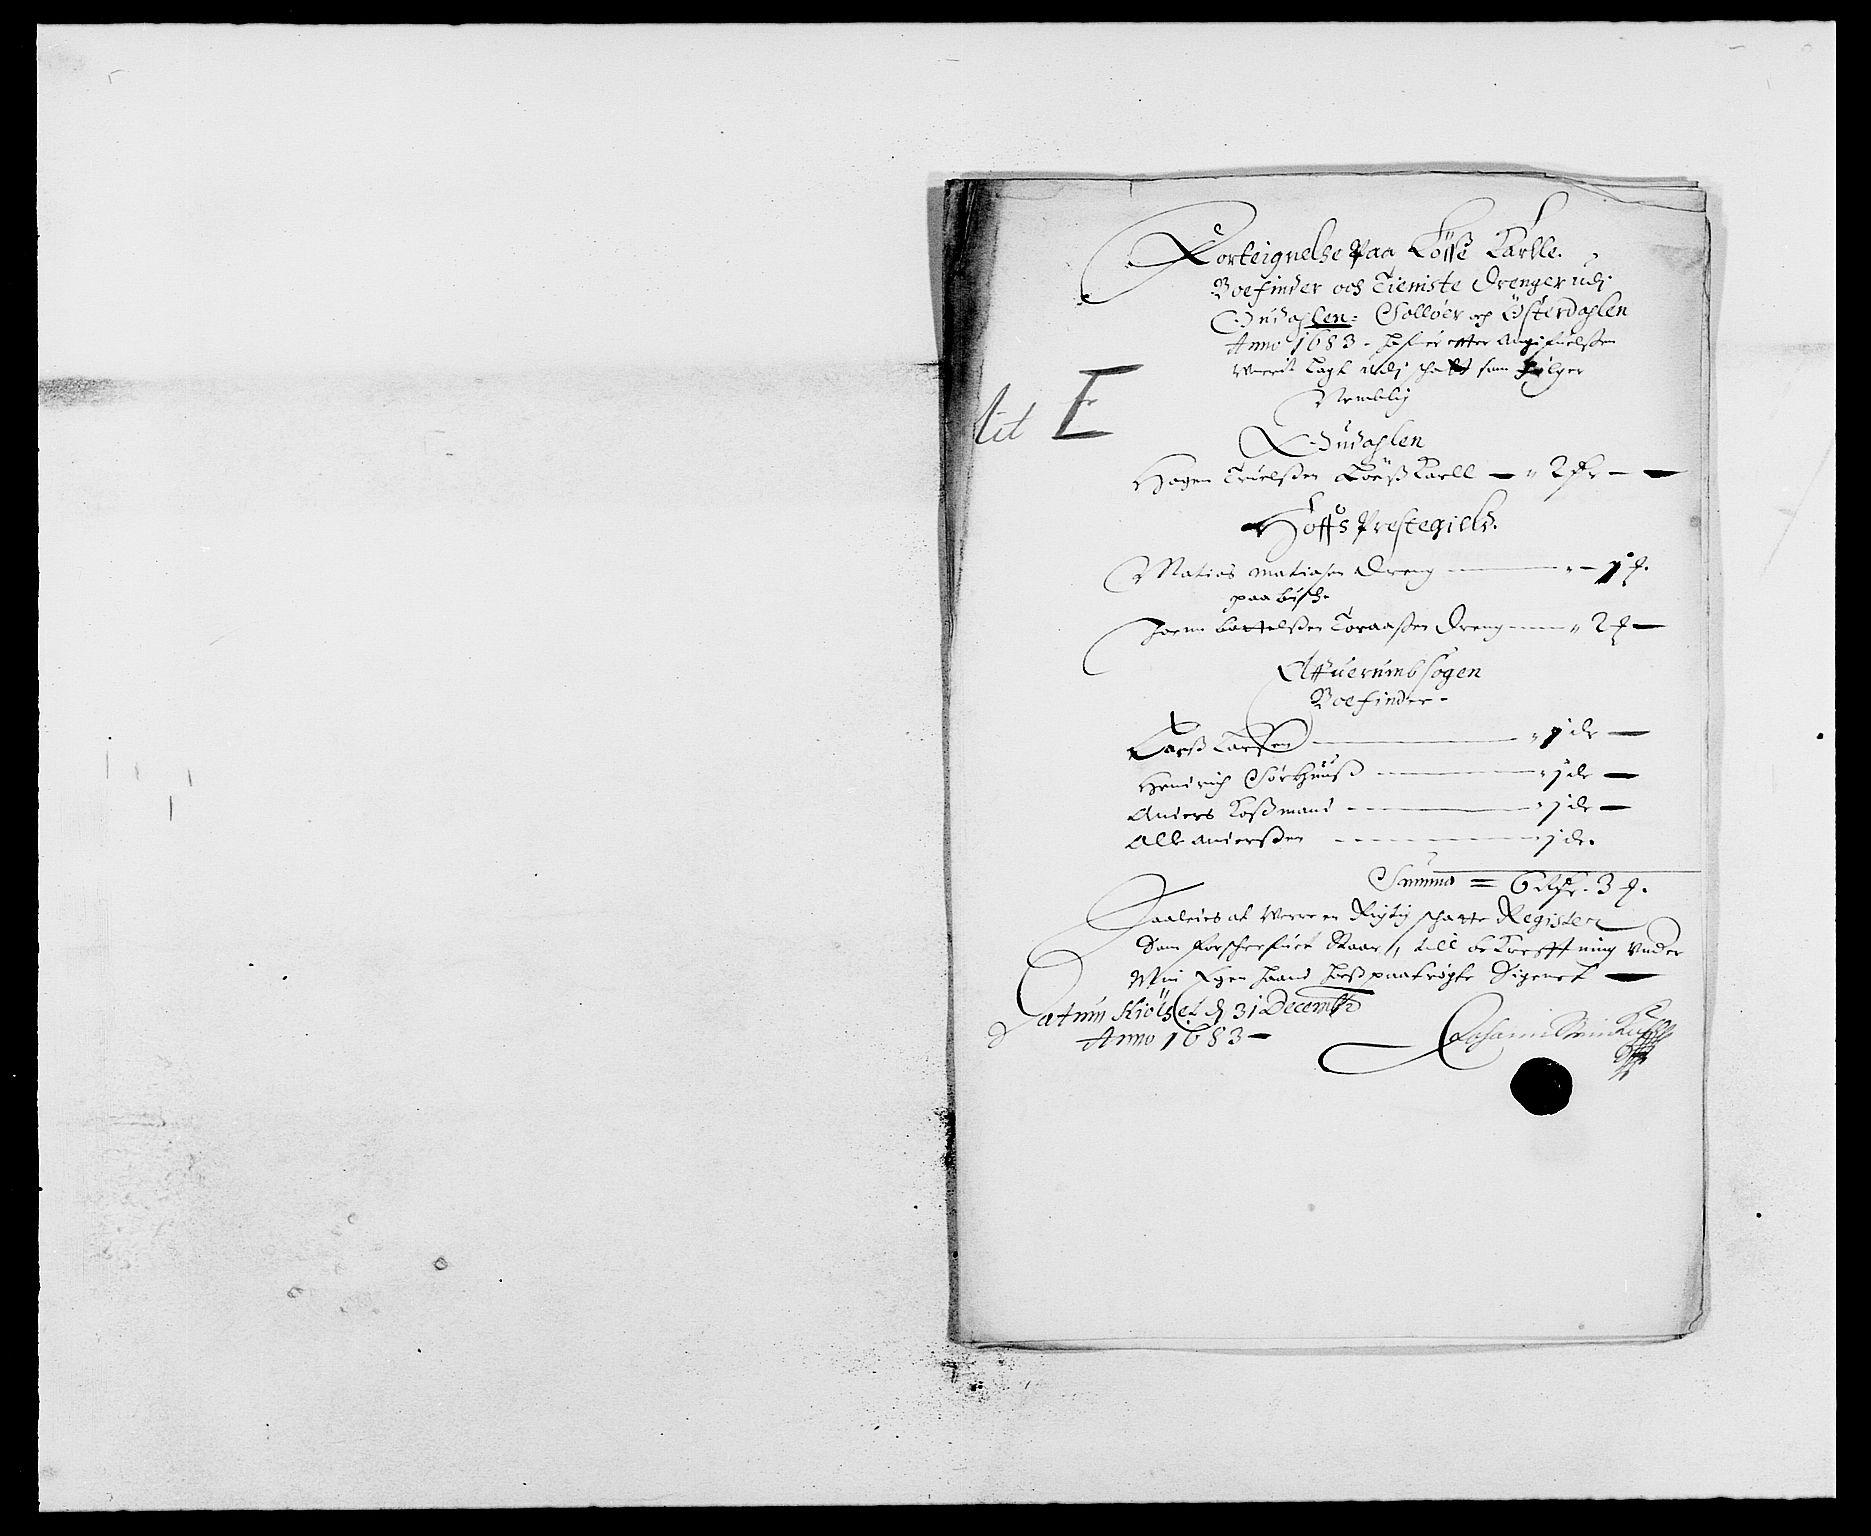 RA, Rentekammeret inntil 1814, Reviderte regnskaper, Fogderegnskap, R13/L0820: Fogderegnskap Solør, Odal og Østerdal, 1683, s. 203